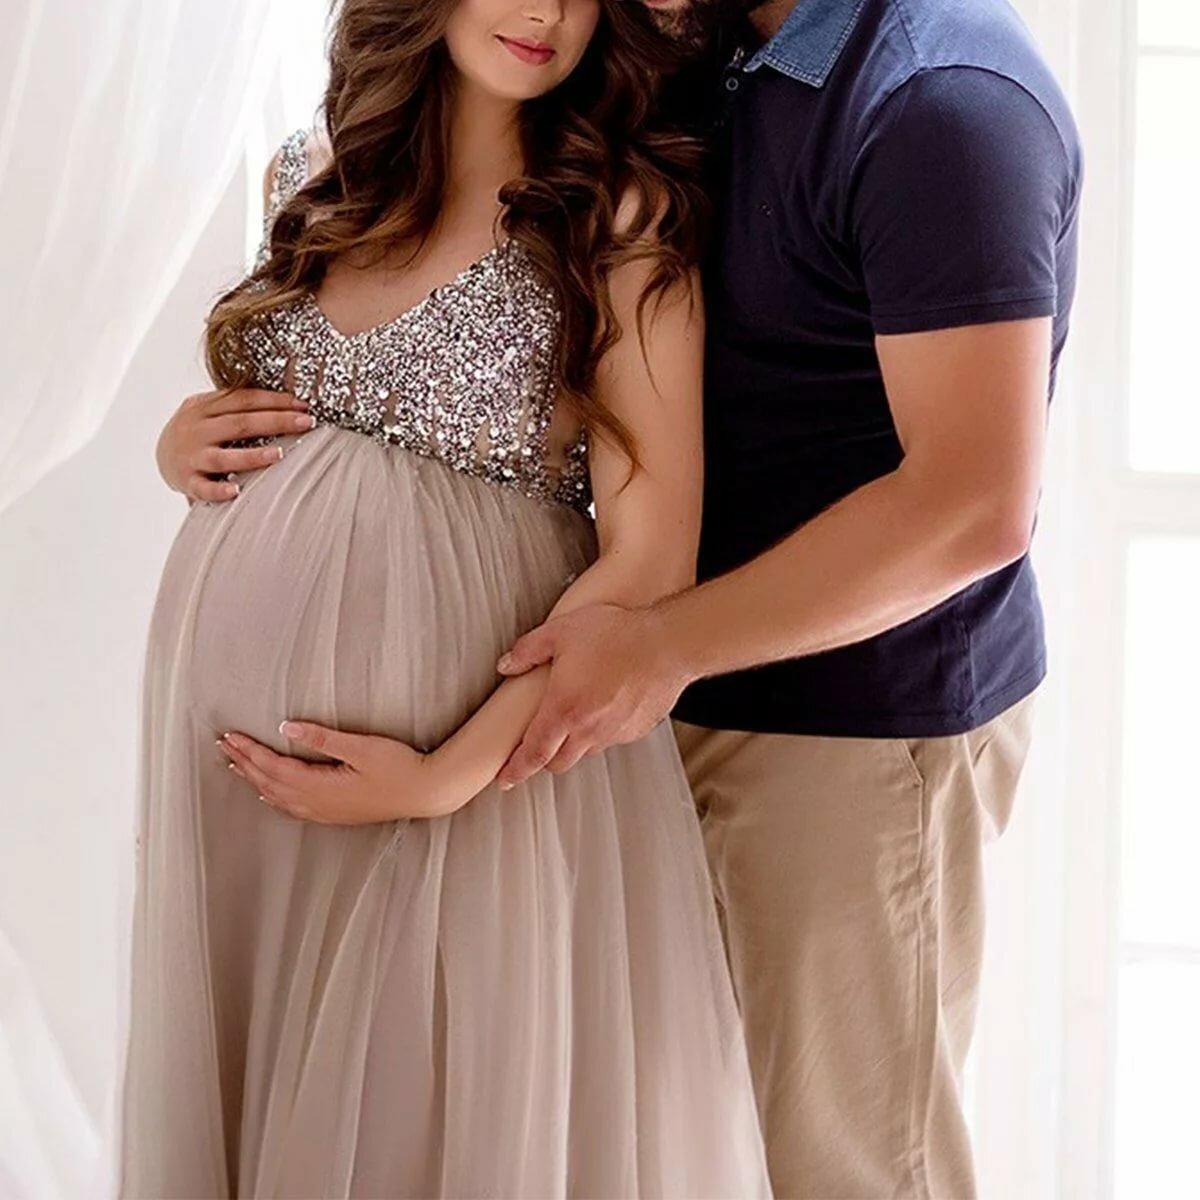 Беременная девушка и муж в картинках